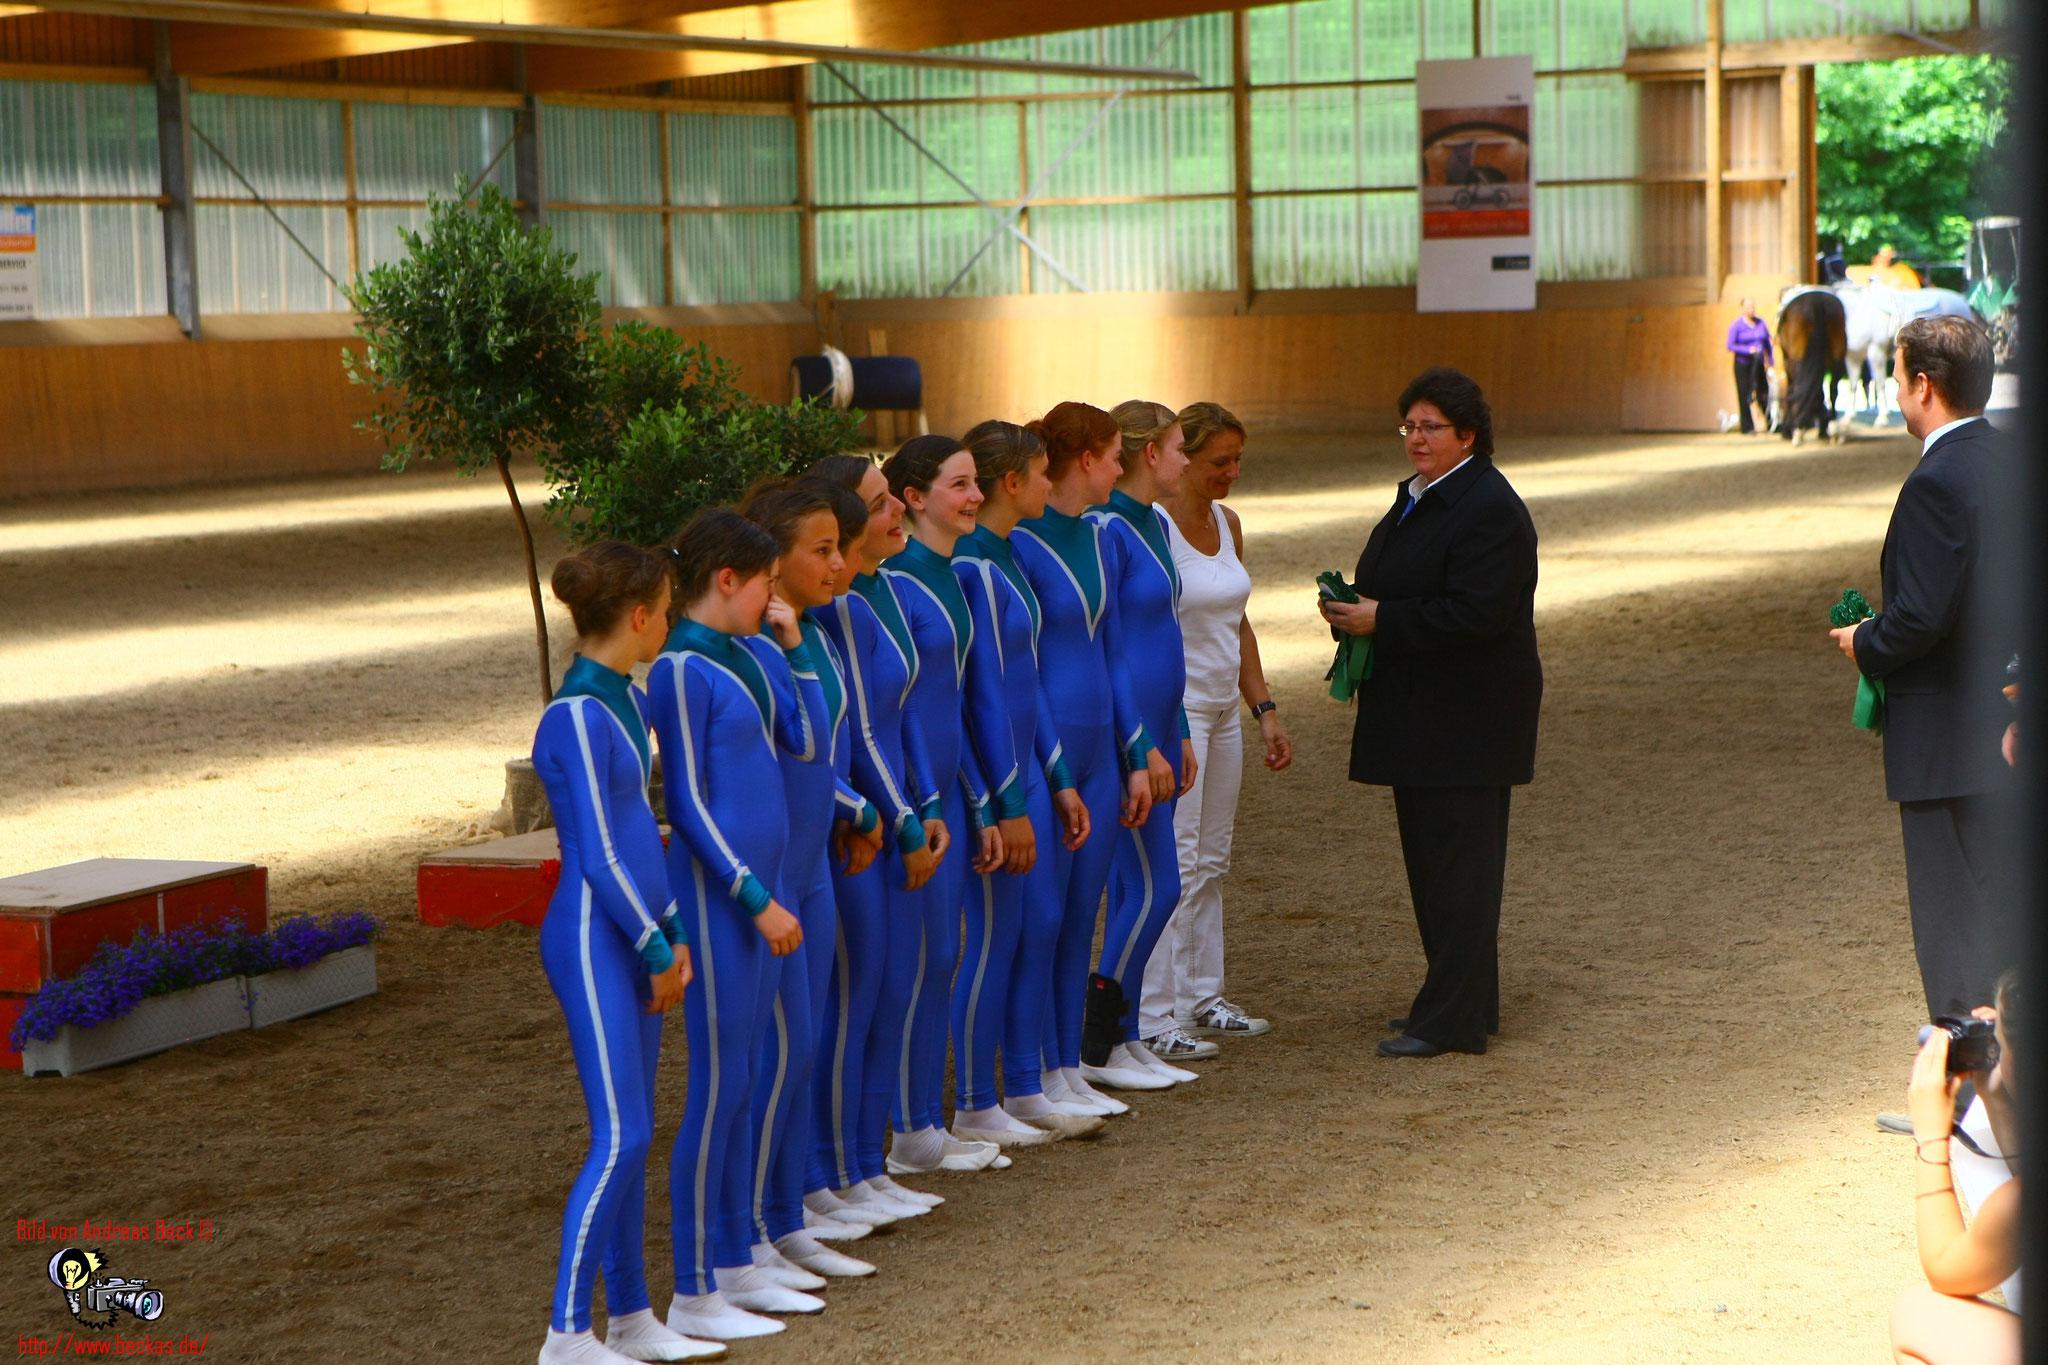 Siegerehrung bei der Fränkische Meisterschaft Coburg 2010 (foto Andreas Beck)